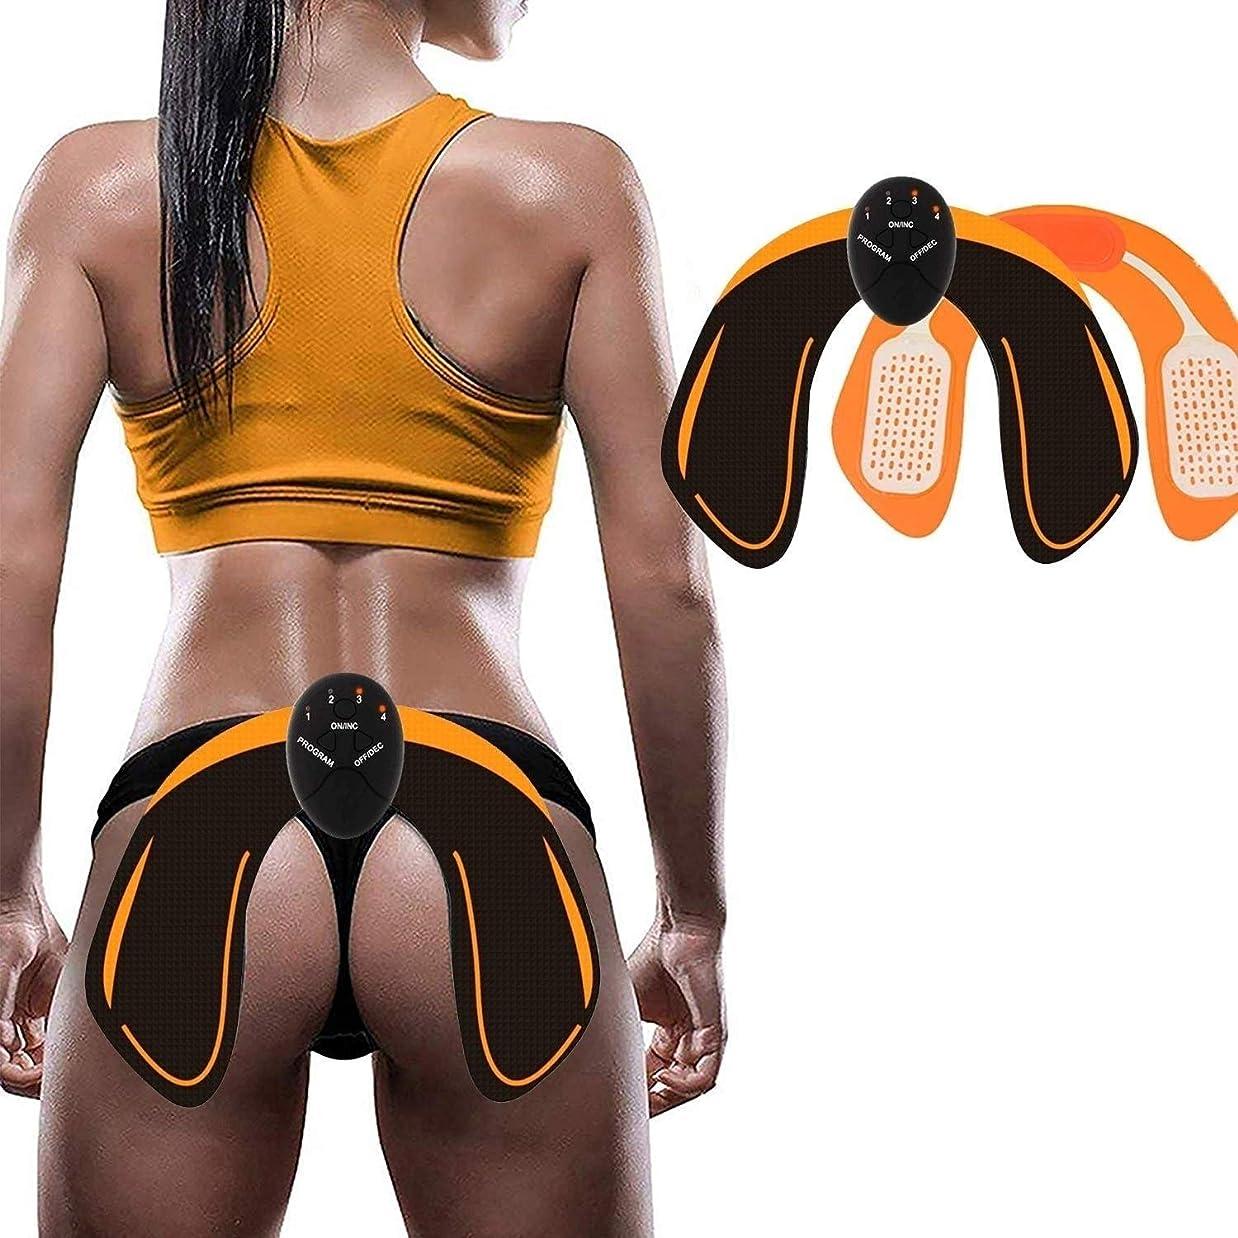 傀儡スポークスマンシードEMSヒップトレーナーとバットトナーは、男性女性のためのスマートバトリフターリフターバトシェイパーパッドトレーニングコントロールスマートトナートレーニングギアを持ち上げるのに役立ちます